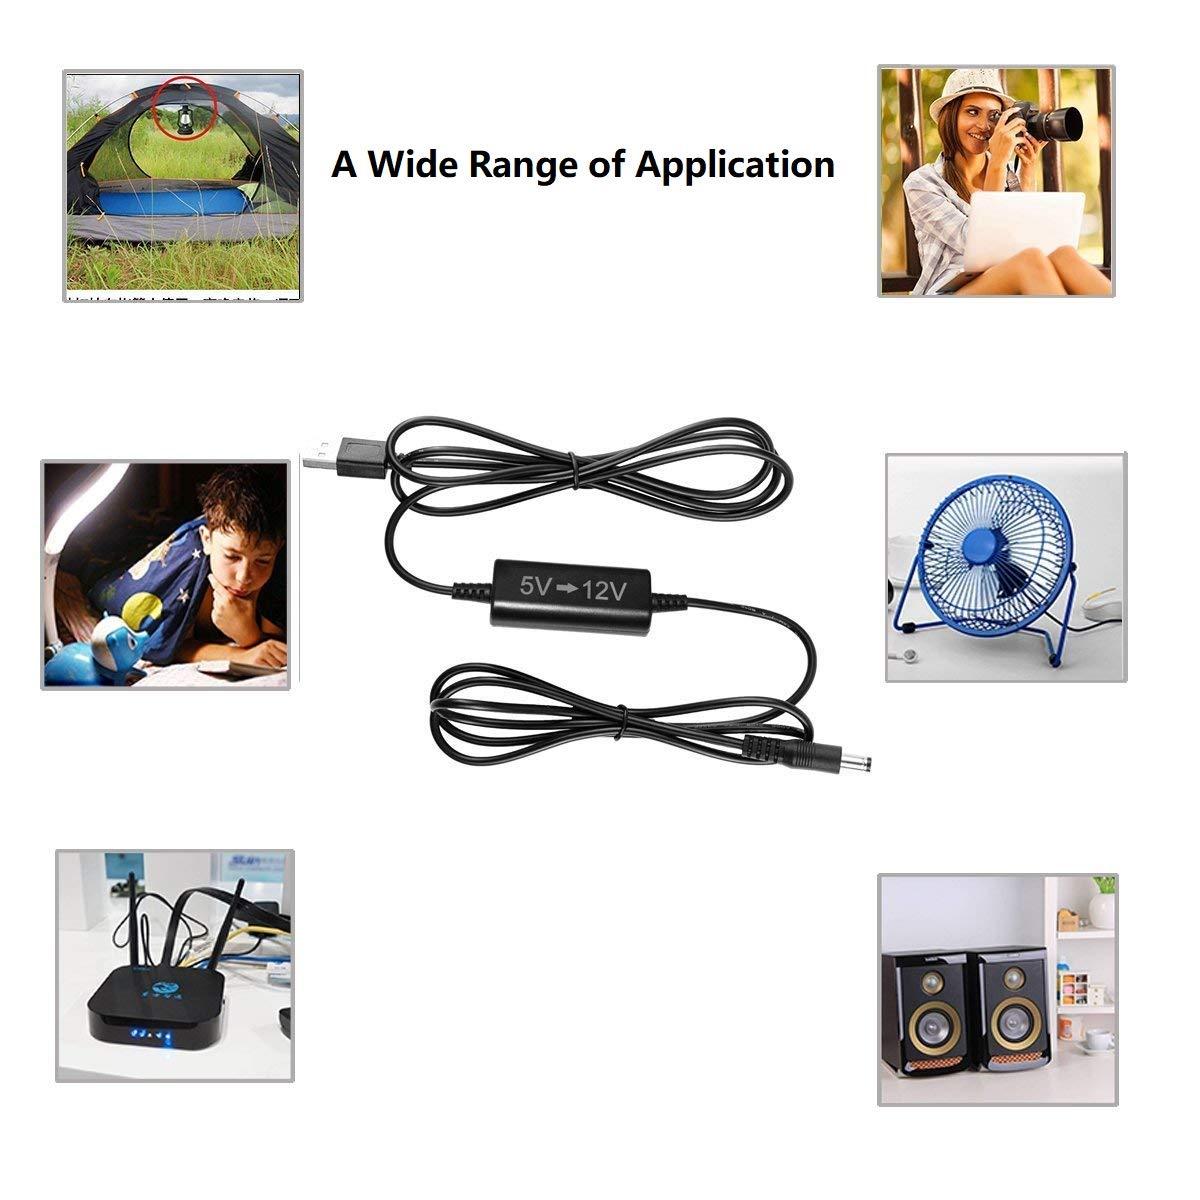 Kuncan 5ft Usb 5v To Dc 12v Step Up Converter Cable Electronics Technology 5vdc 12vdc Lt1070 Boost Circuit Port Voltage 55 X 21mm Connector